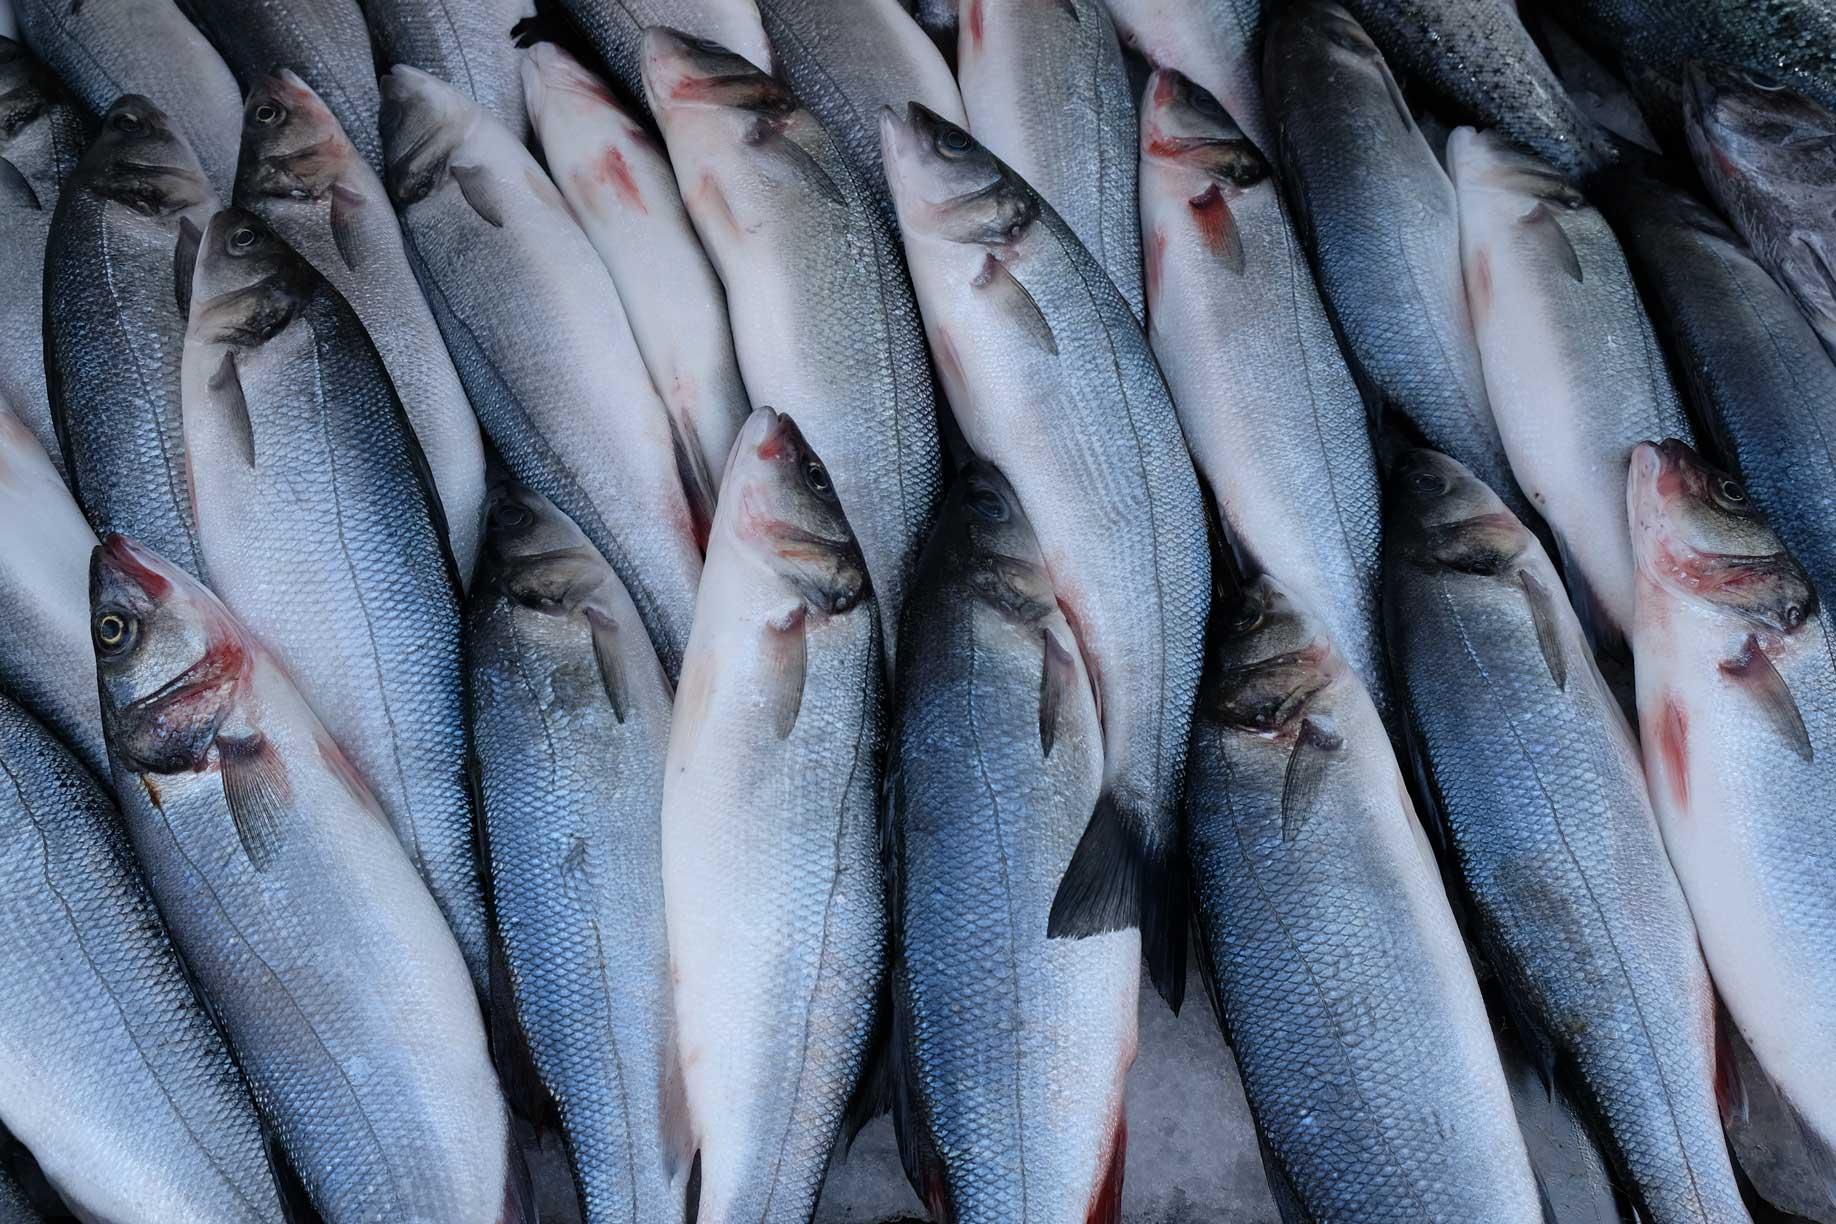 Schön angeordnete Fische